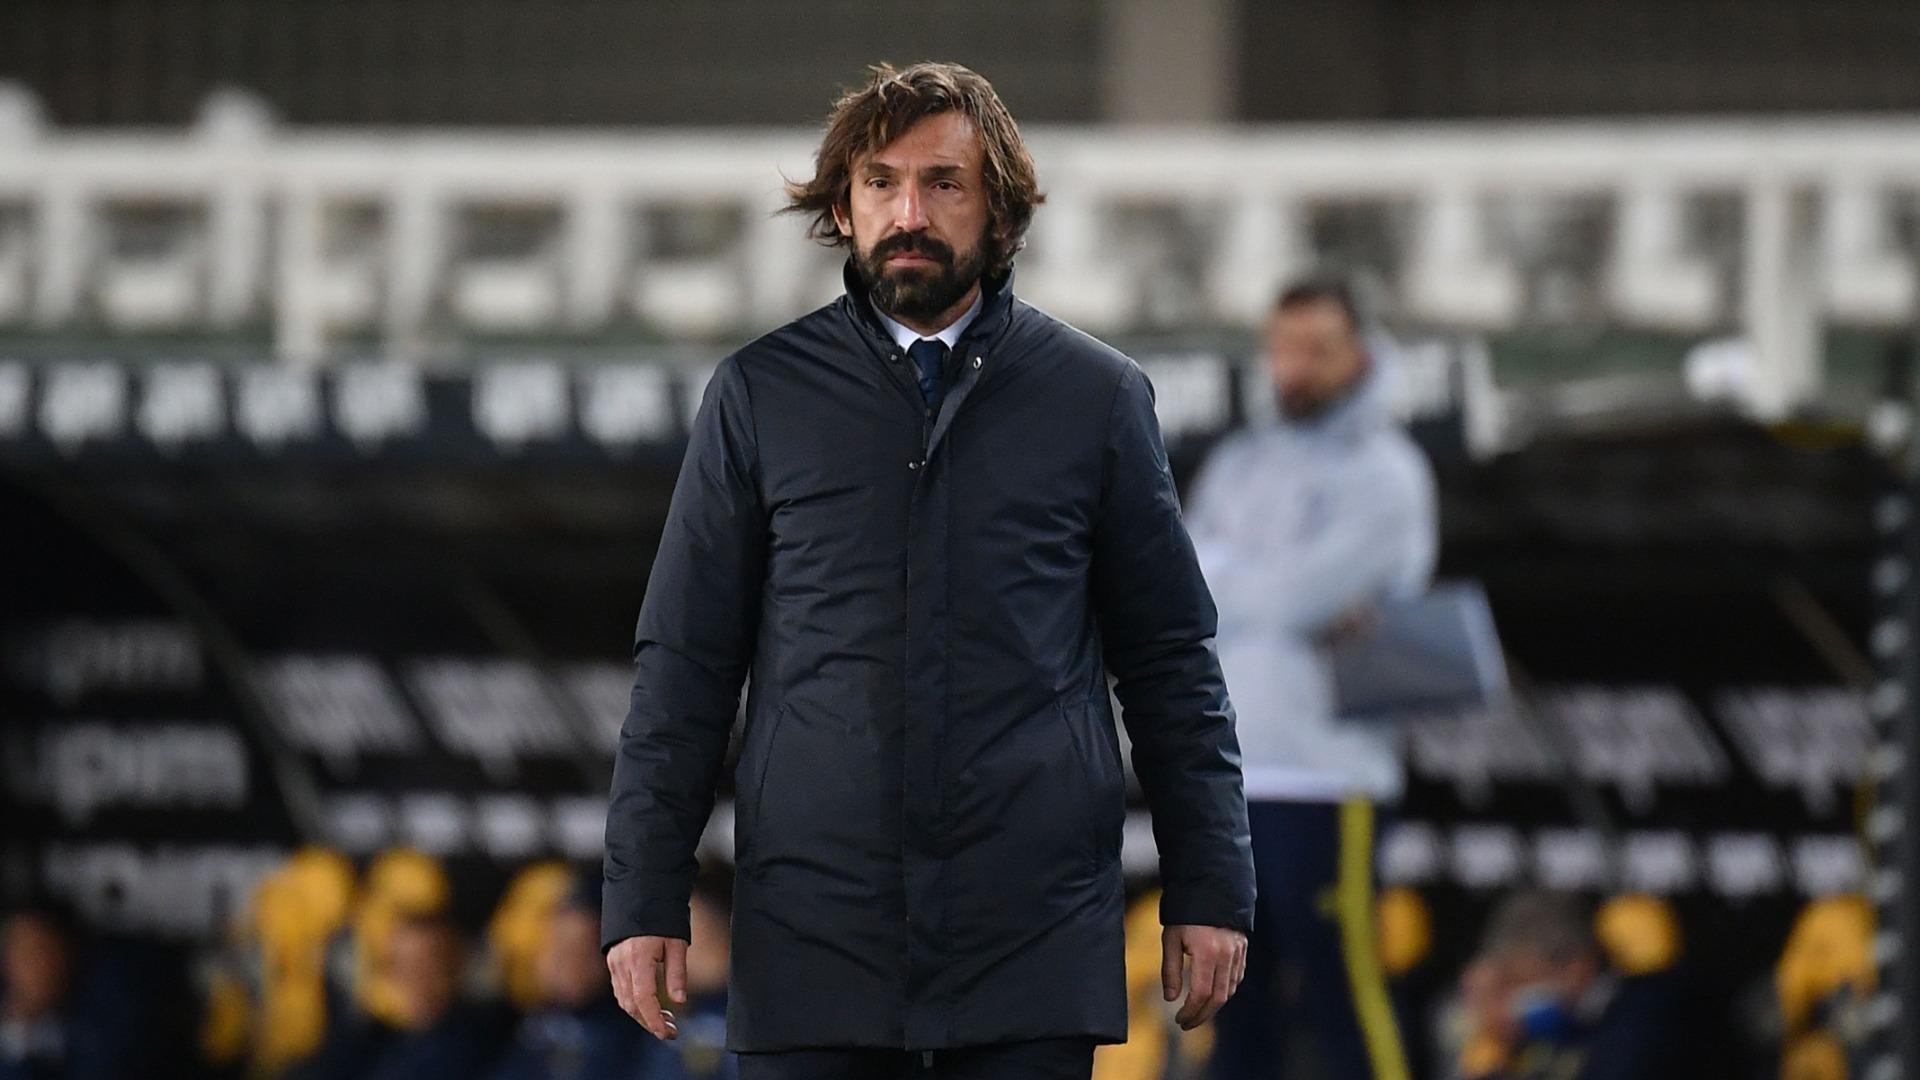 Juventus were missing leaders in Verona draw – Pirlo